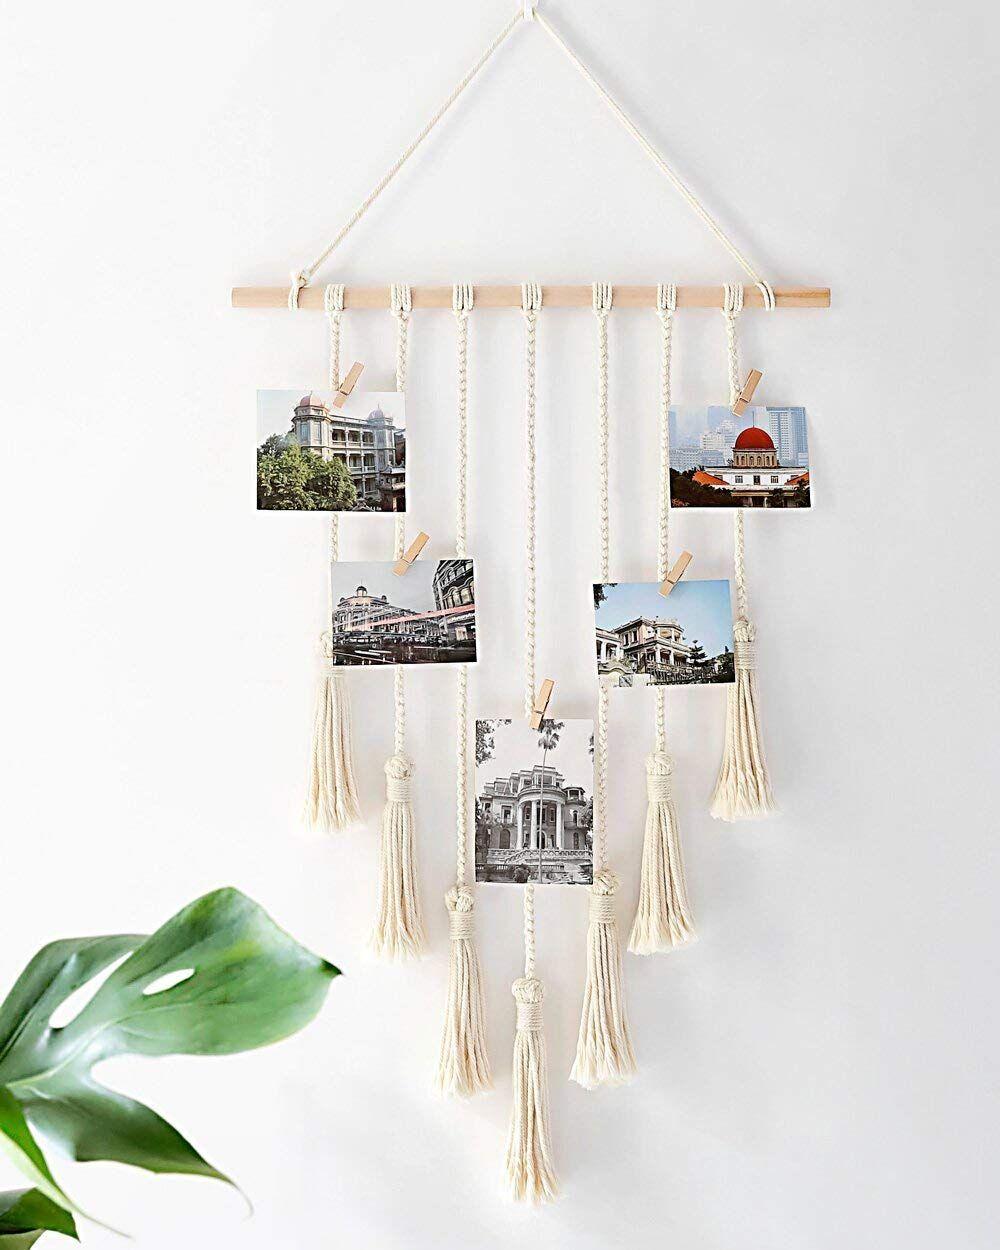 Fotos aufhängen und Bilderwand gestalten – die schönsten Ideen!